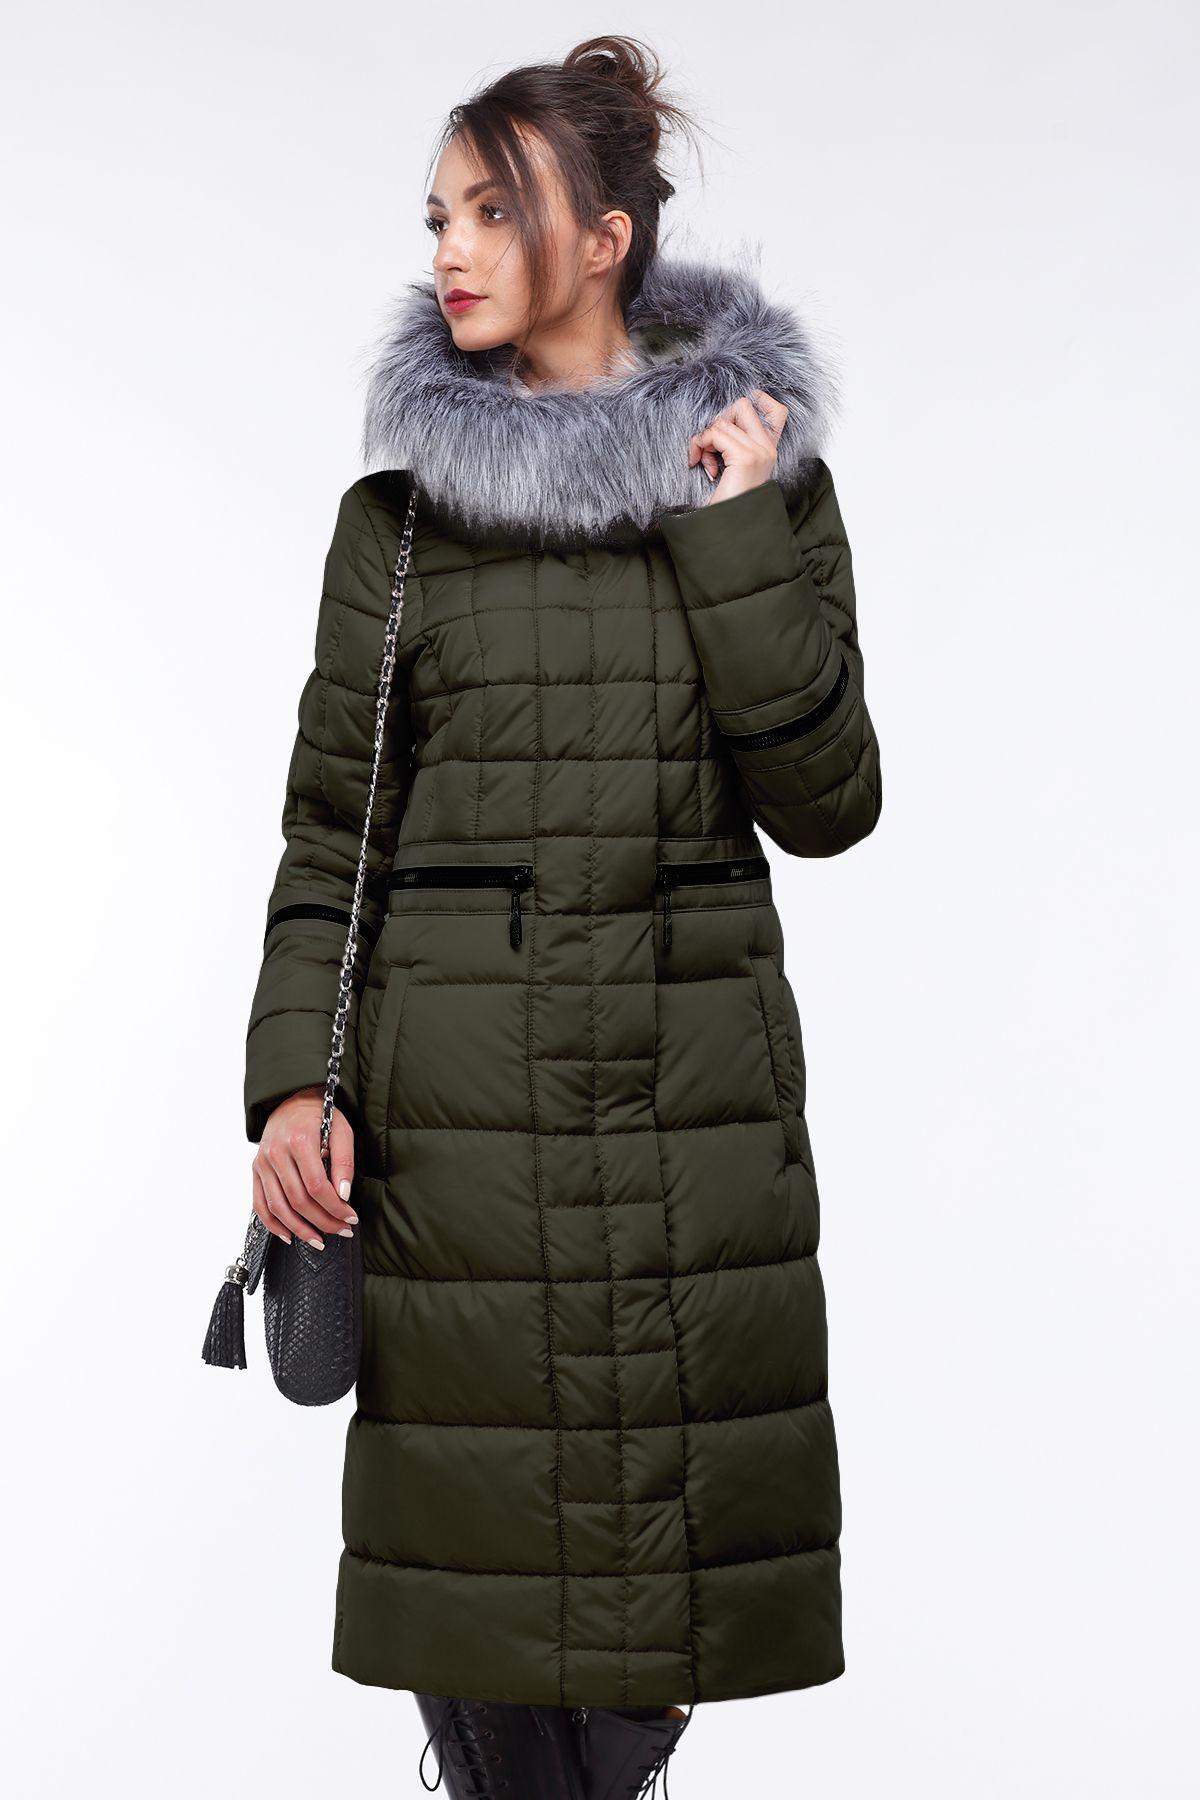 3bc4aa47eec Зимнее женское пальто пуховик Амина от Nui Very - верхняя одежда женская  зима